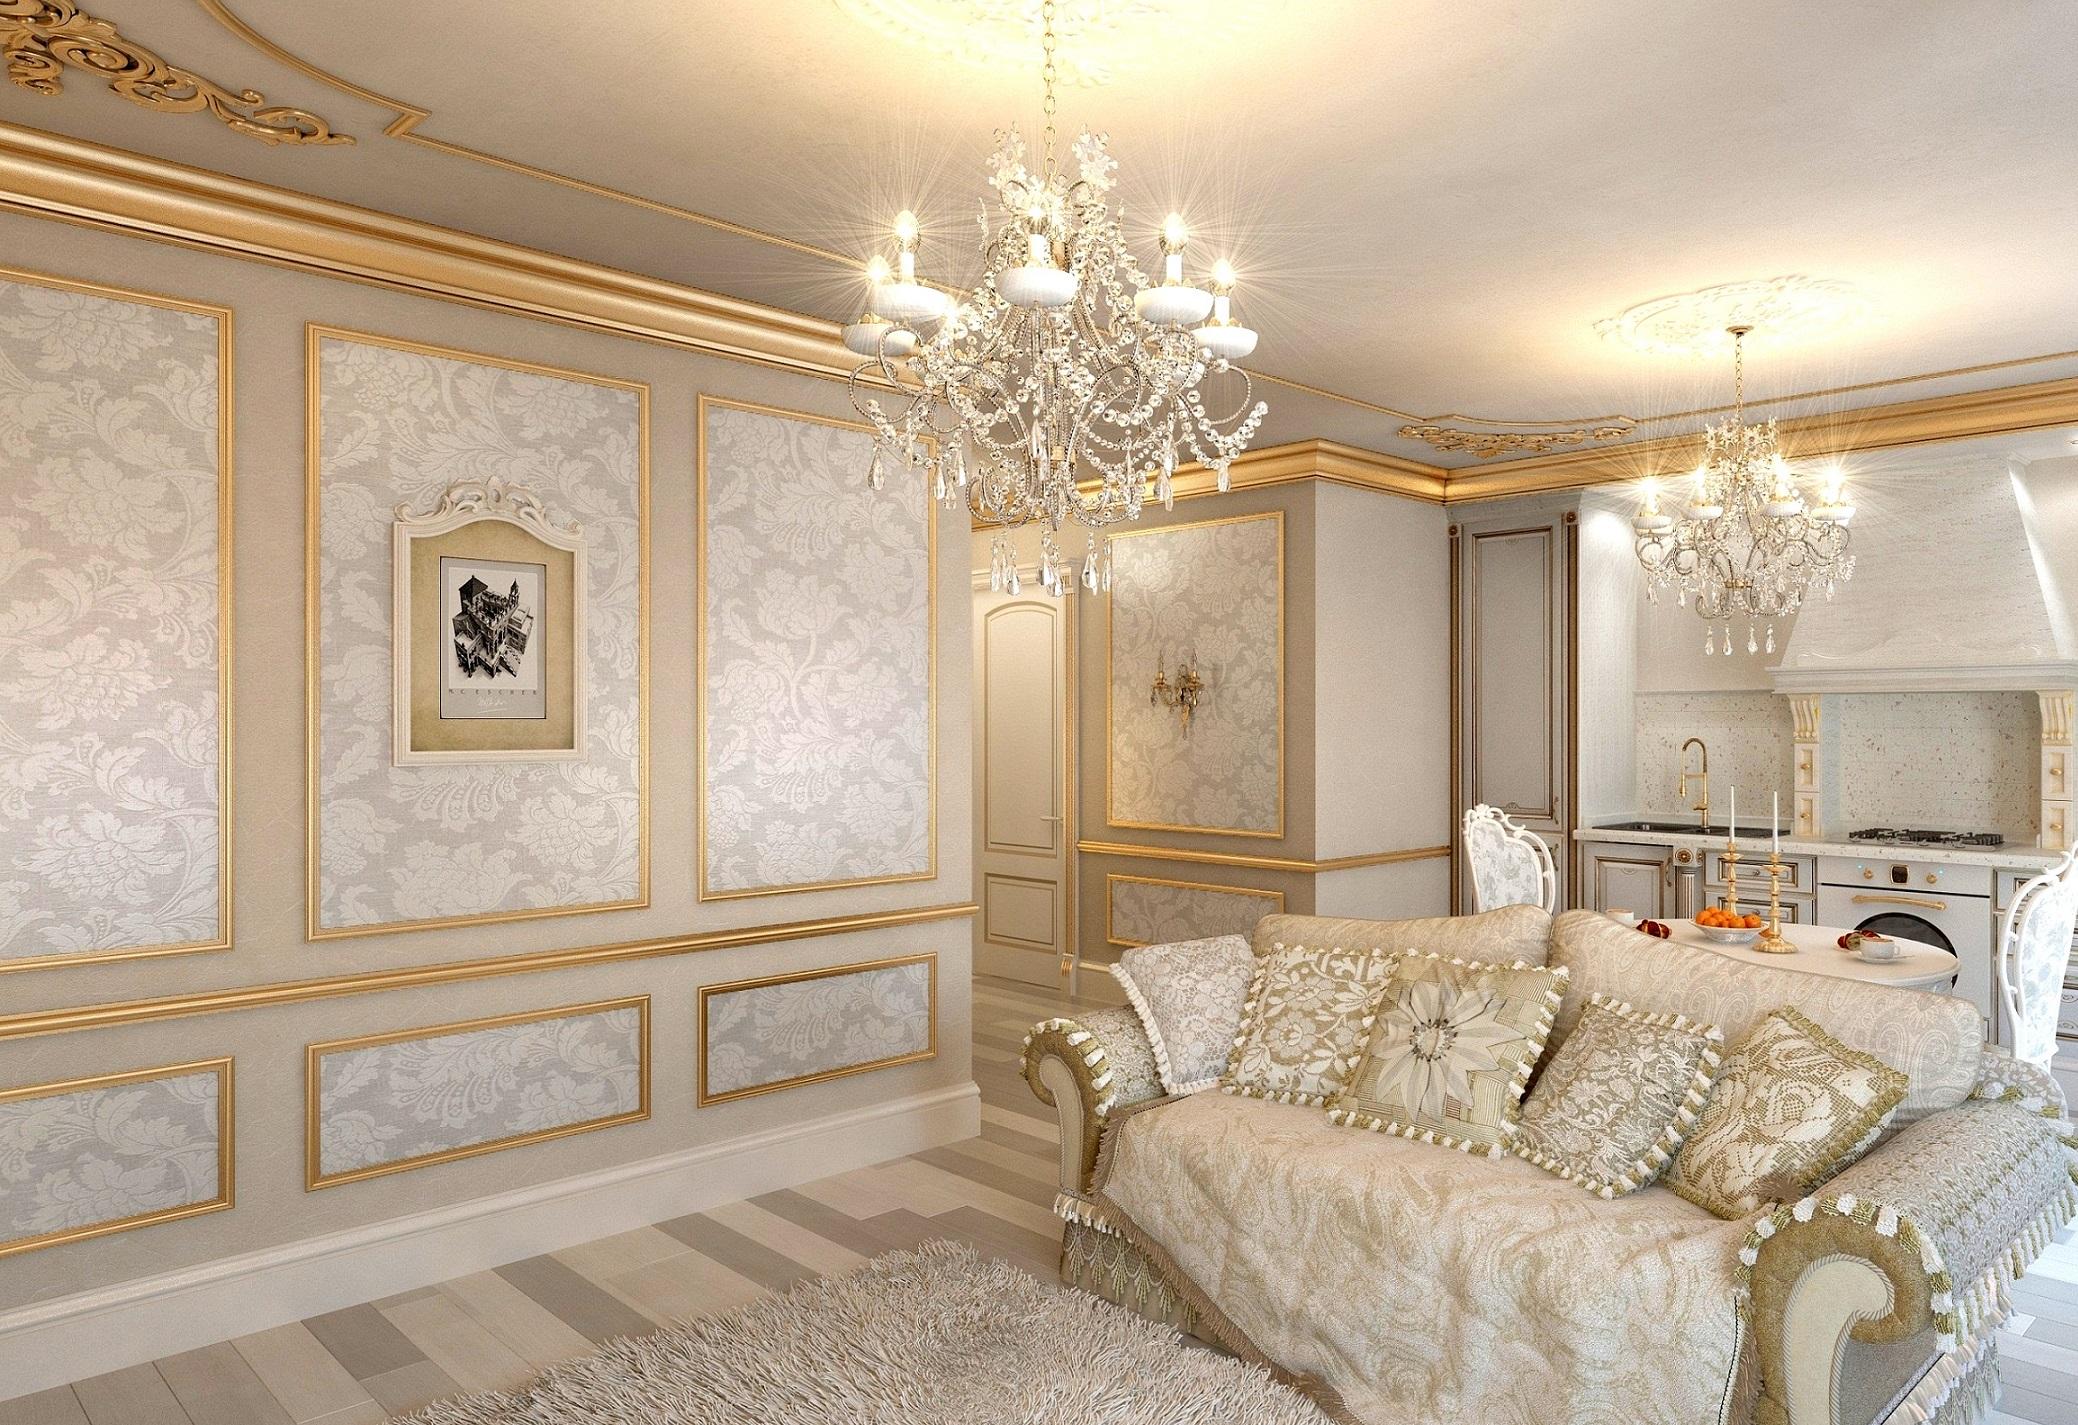 Молдинги как способ декорирования стен